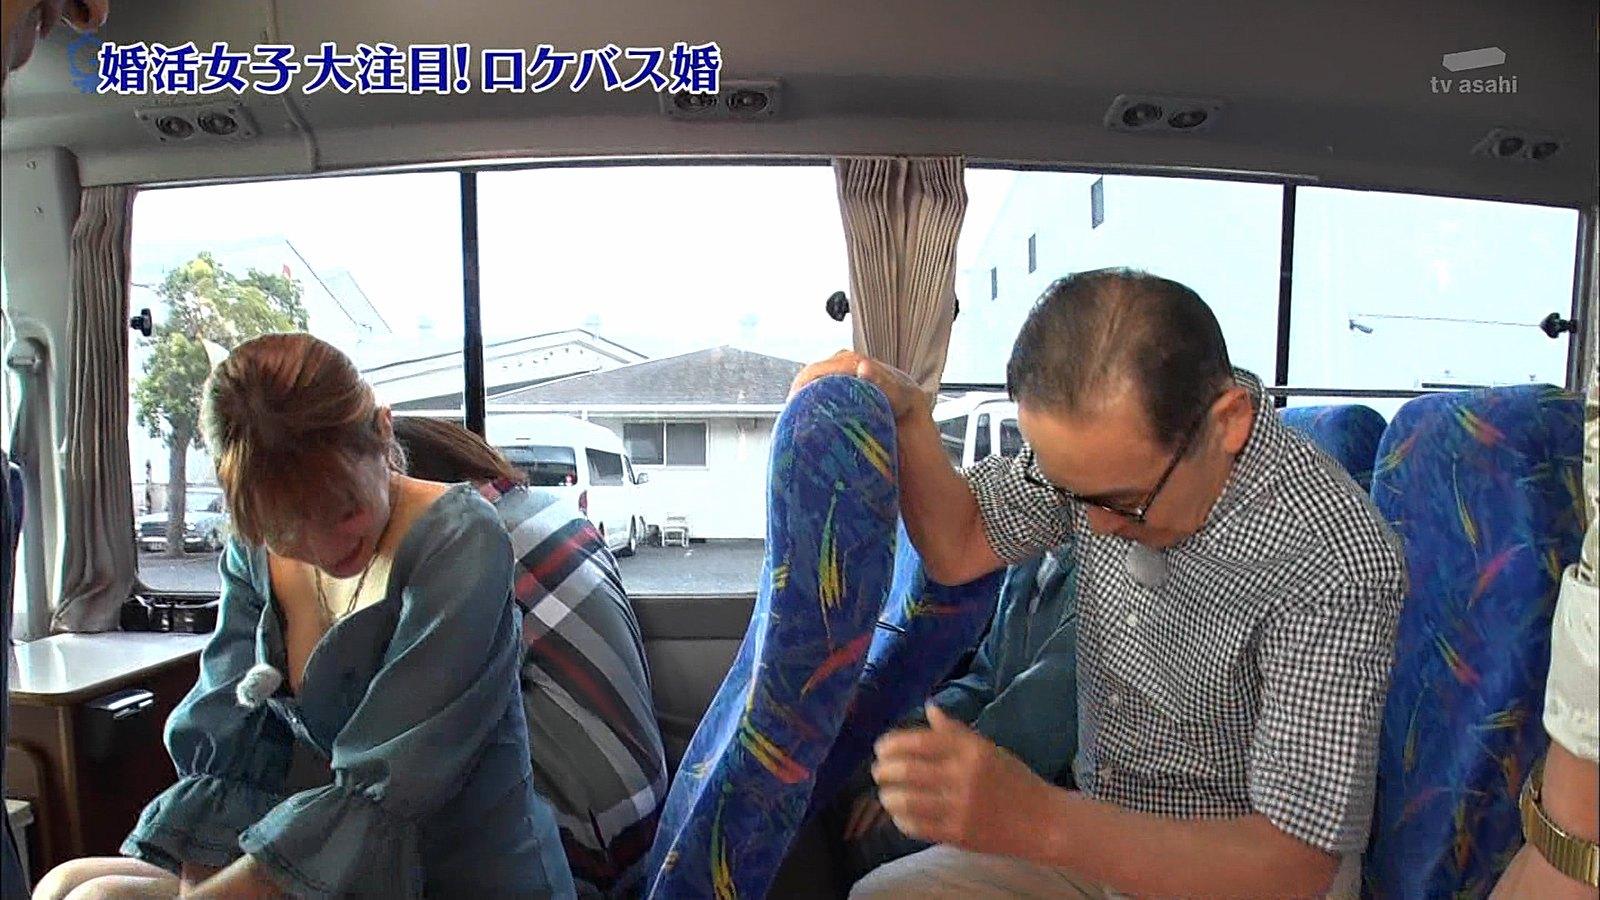 瑛茉ジャスミン_胸チラ_谷間_おっぱい_タモリ倶楽部_09